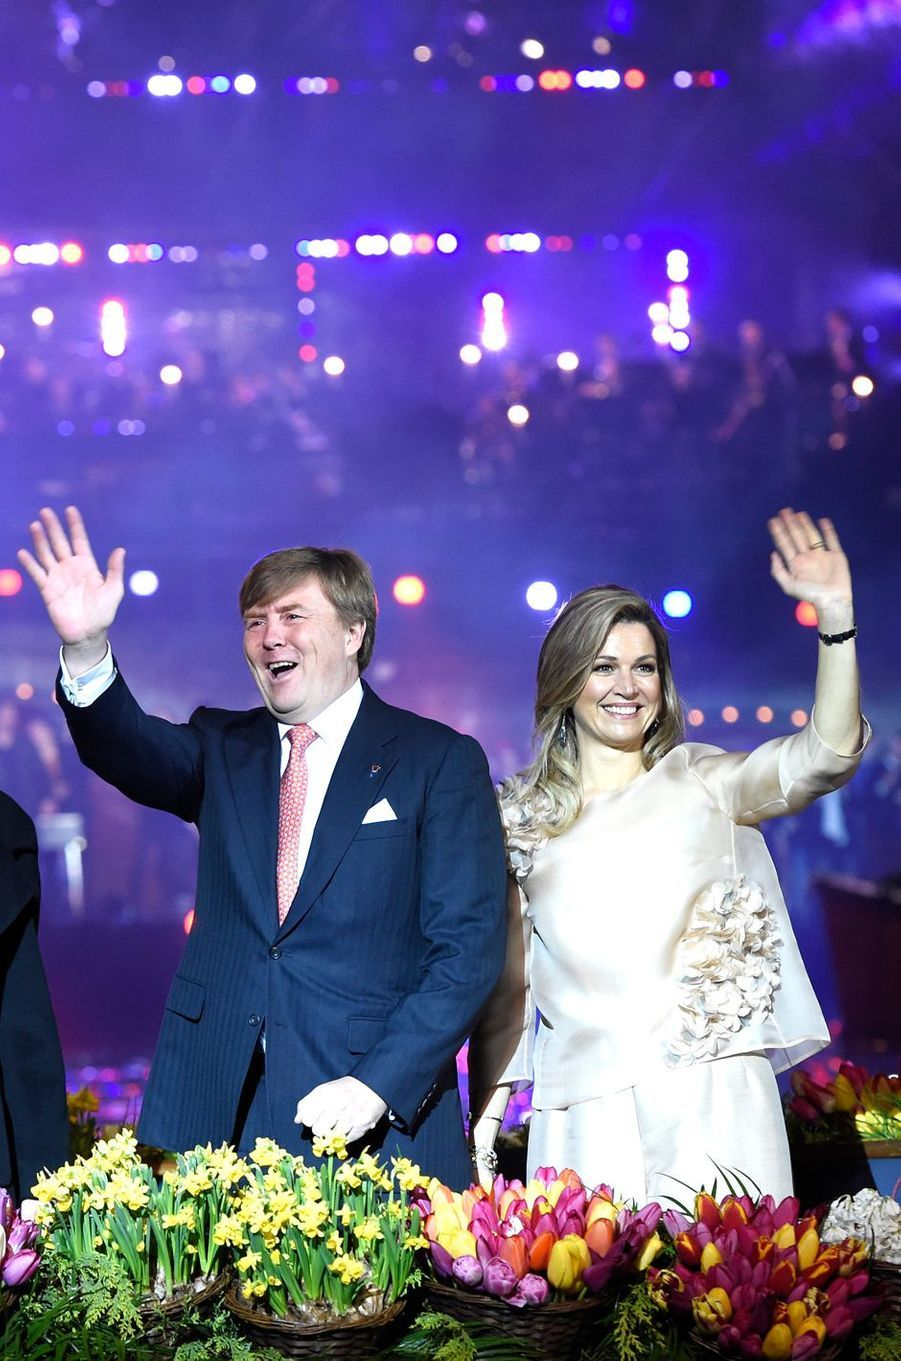 La reine Maxima et le roi Willem-Alexander des Pays-Bas à Amsterdam, le 5 mai 2017